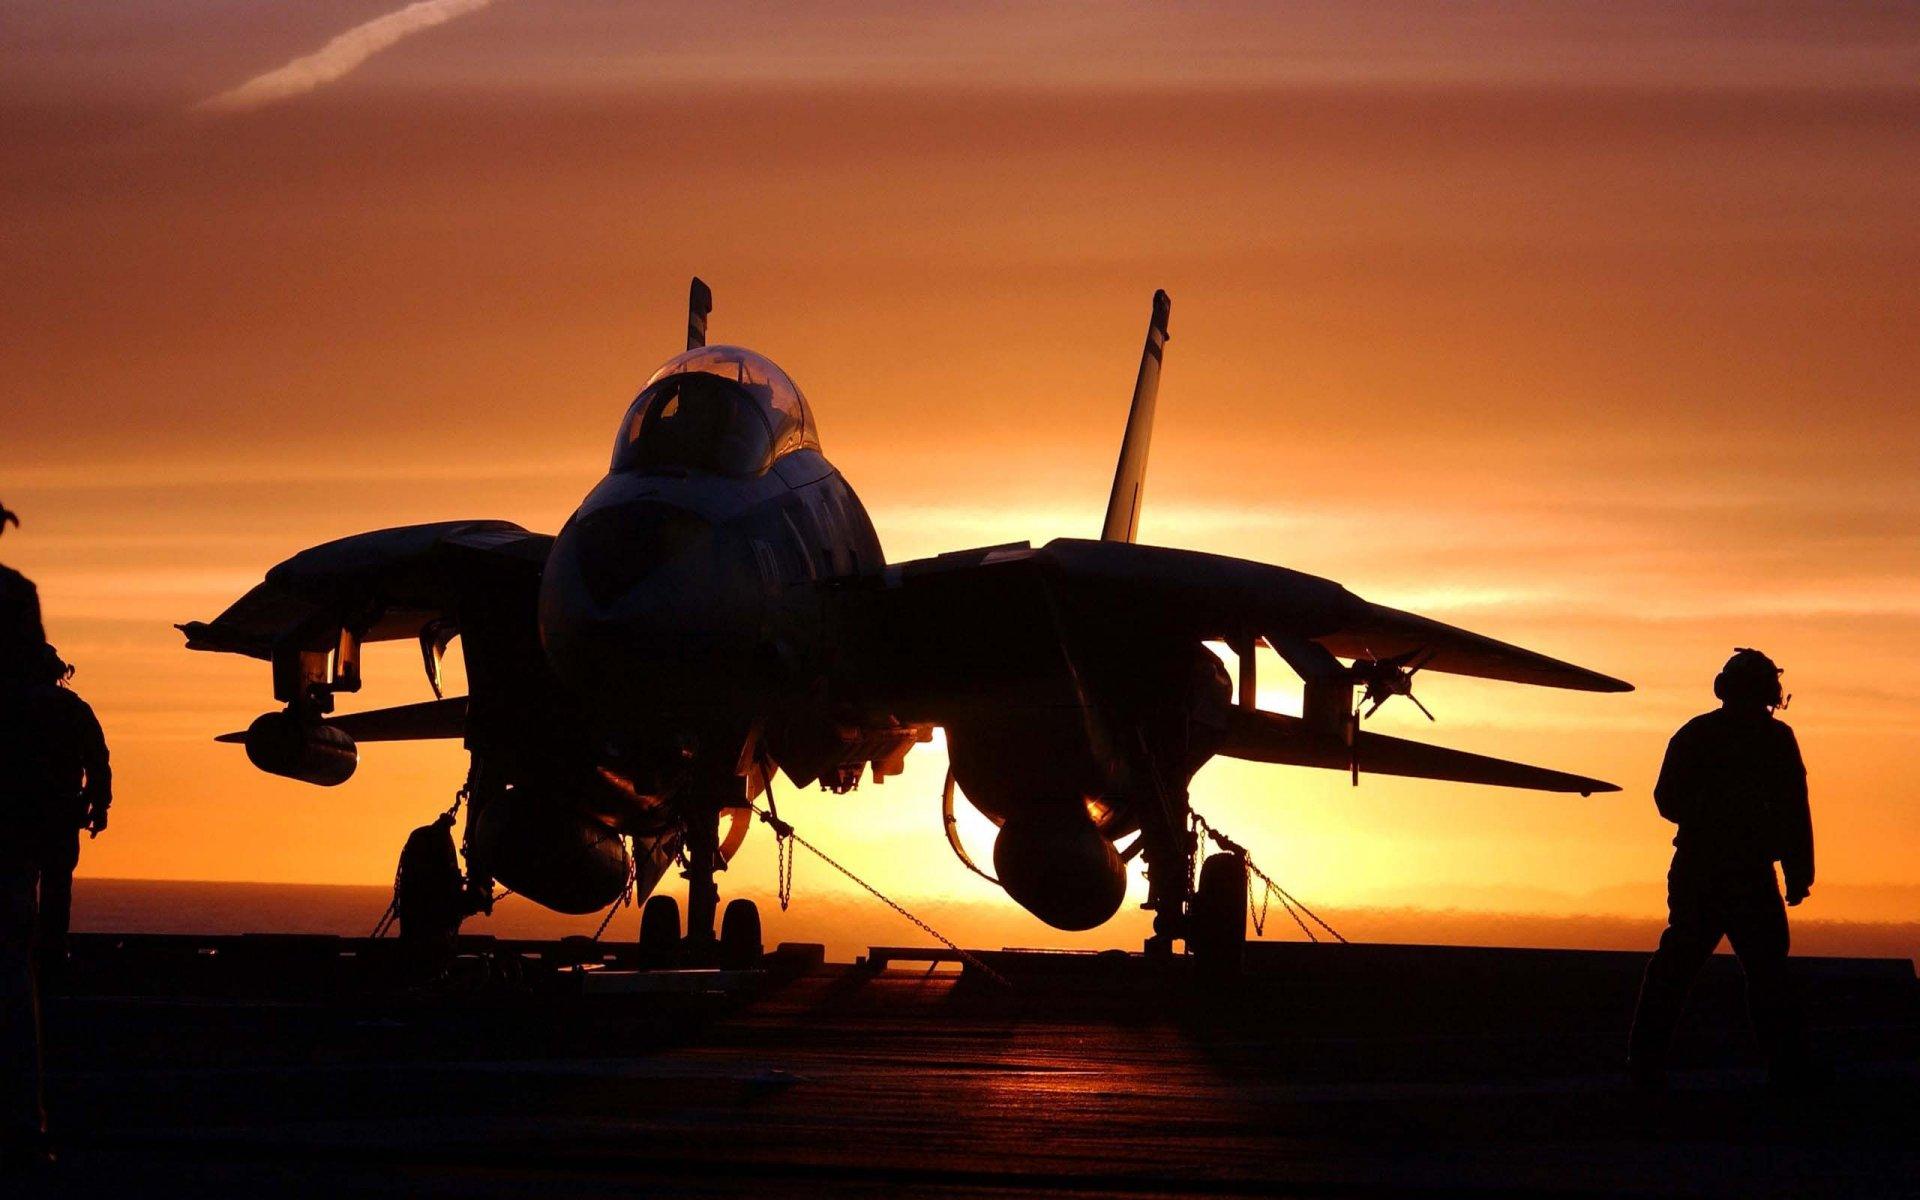 Обои советский, одноместный, Самолёт, и-3, полутораплан. Авиация foto 11